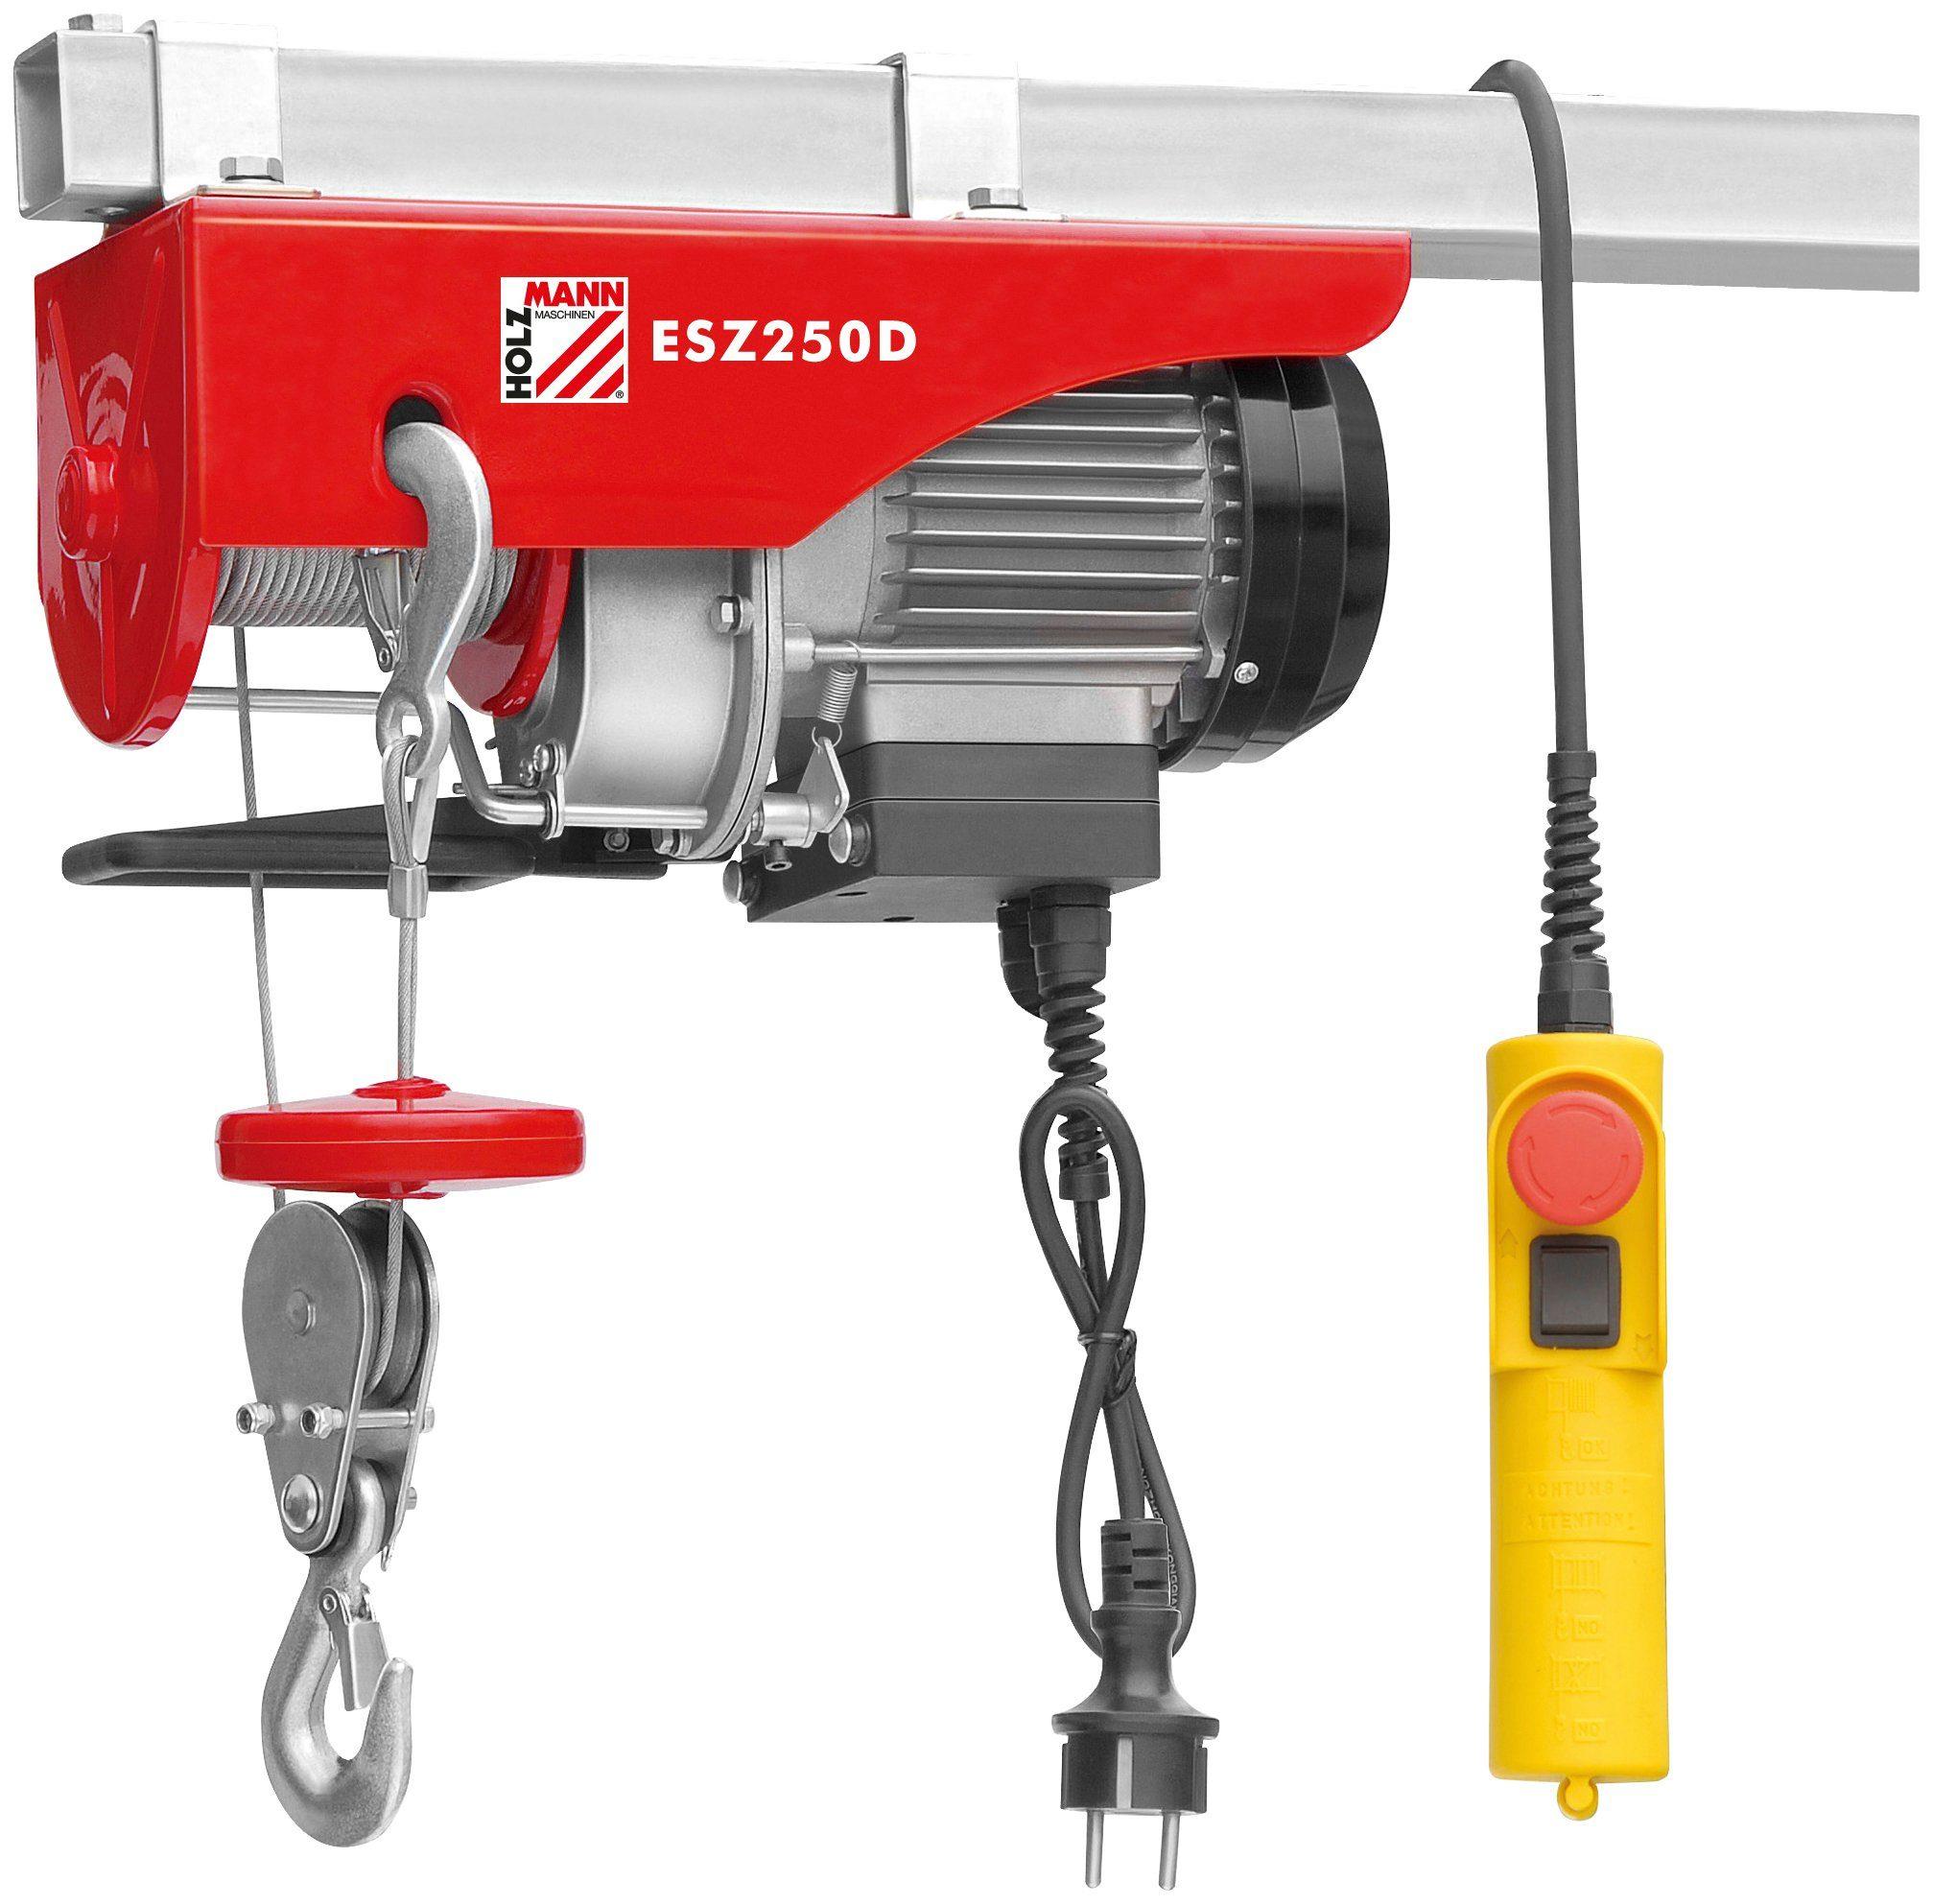 HOLZMANN-MASCHINEN Elektrischer Seilzug »ESZ250D«, 250 kg